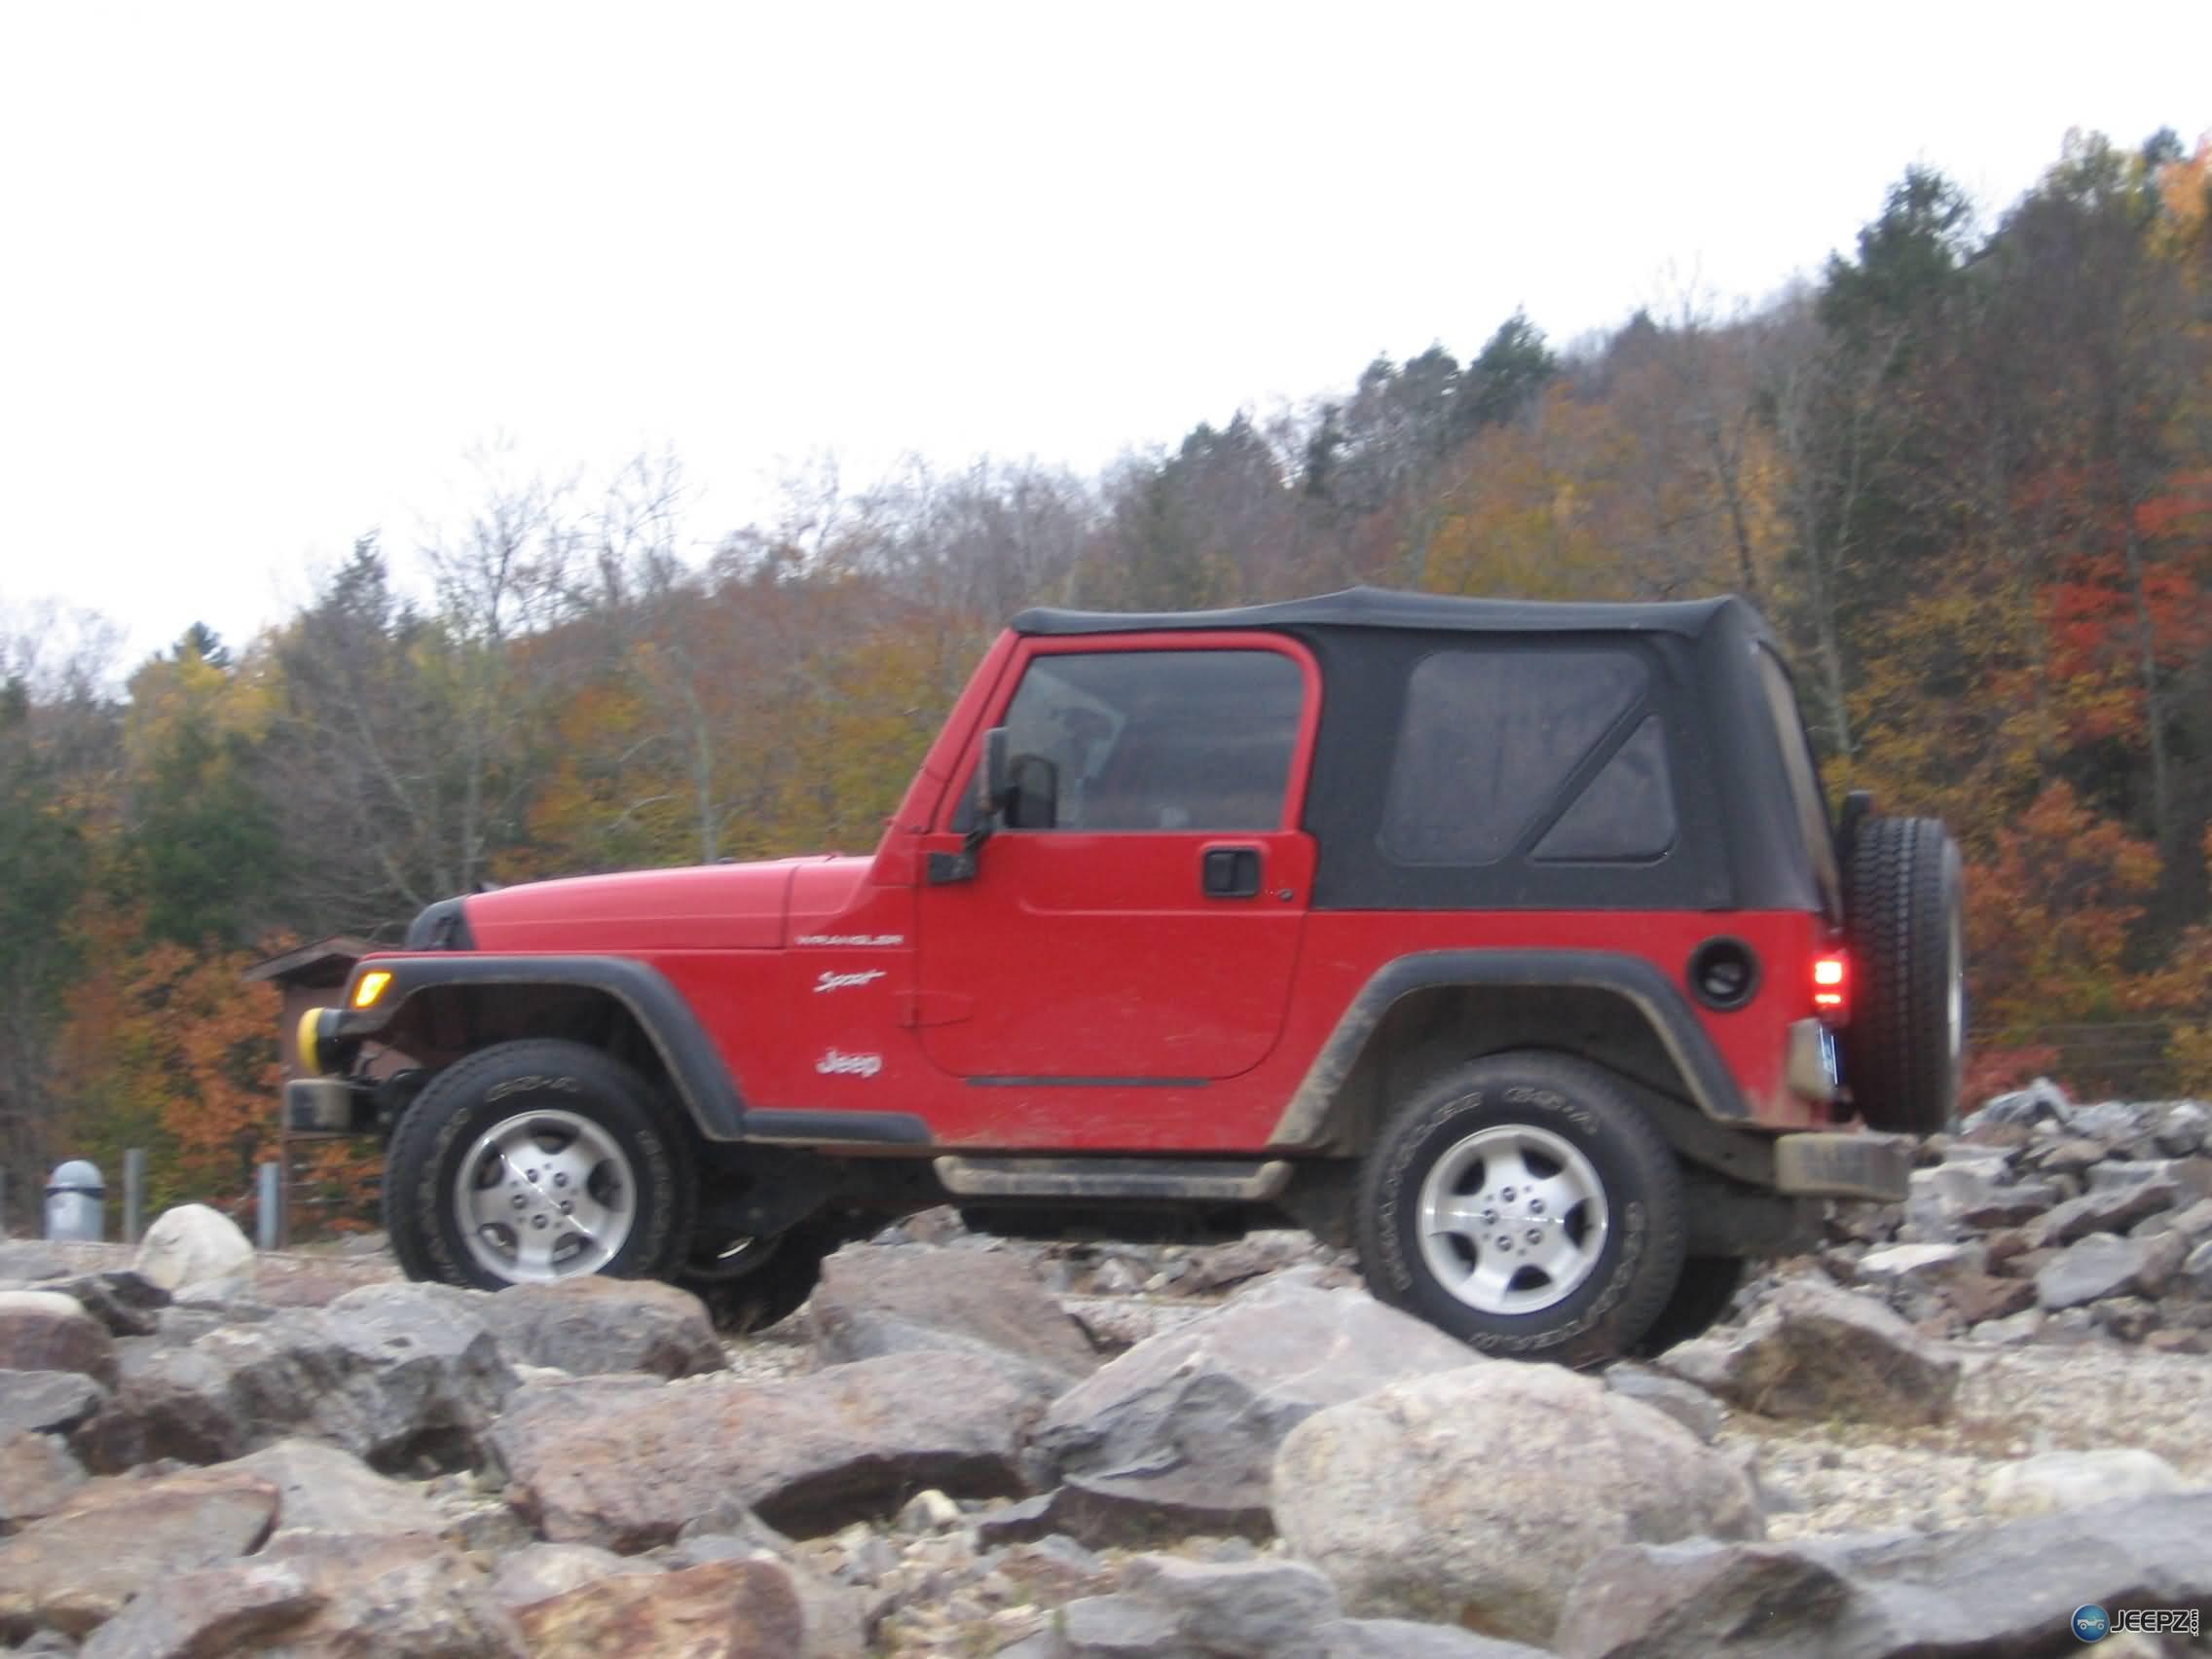 2002 jeep wrangler for sale jeep2img 0931. Black Bedroom Furniture Sets. Home Design Ideas